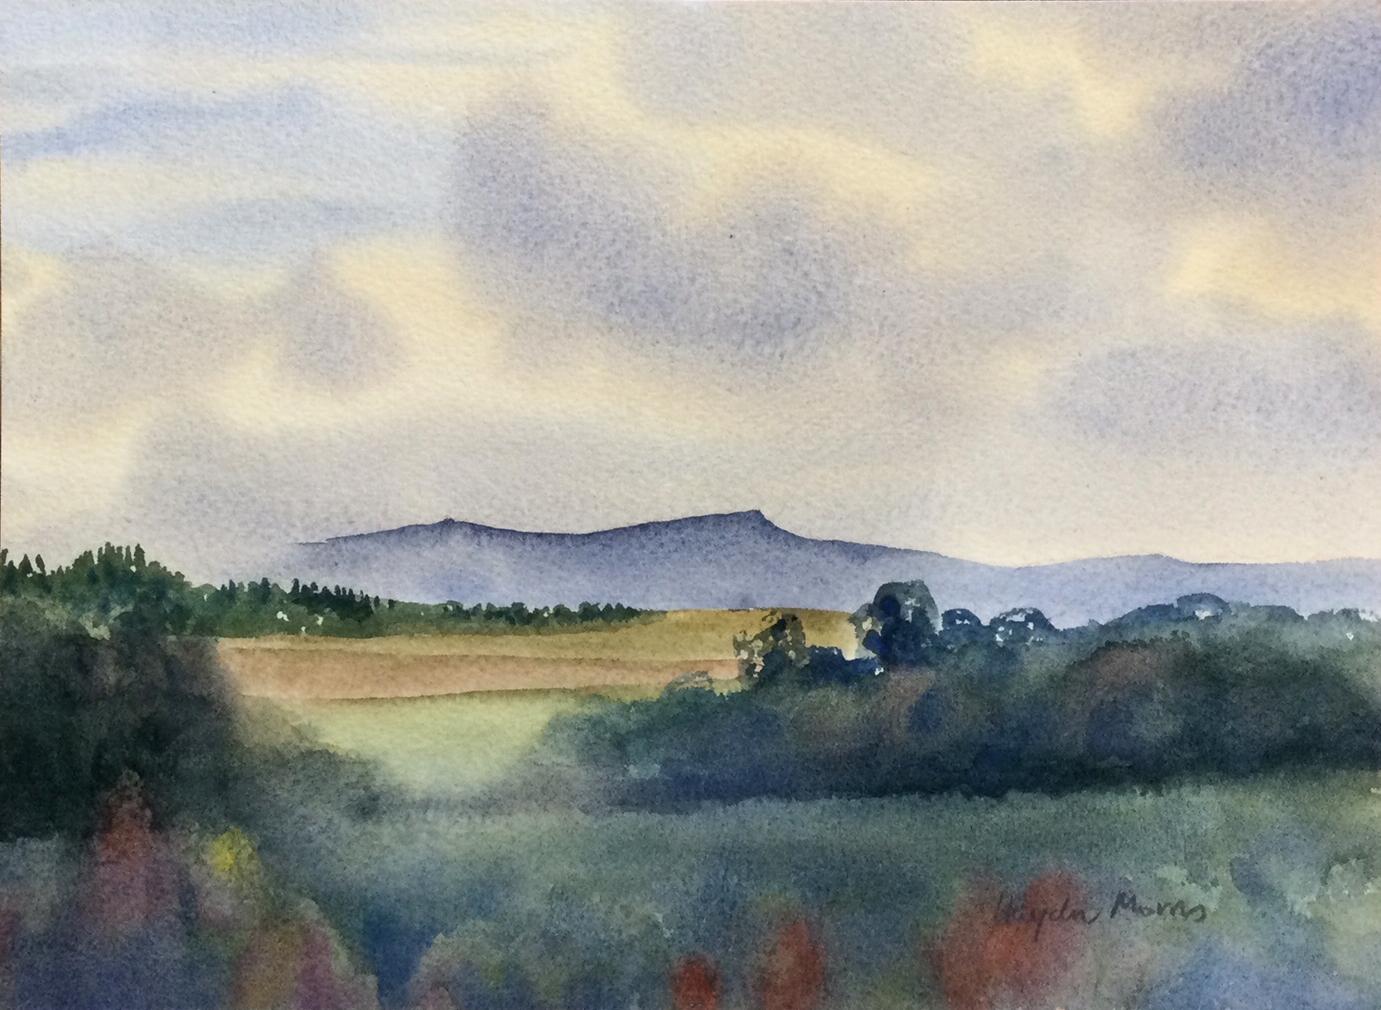 Blencathra-Autumn-Showers-watercolour-20x28cm